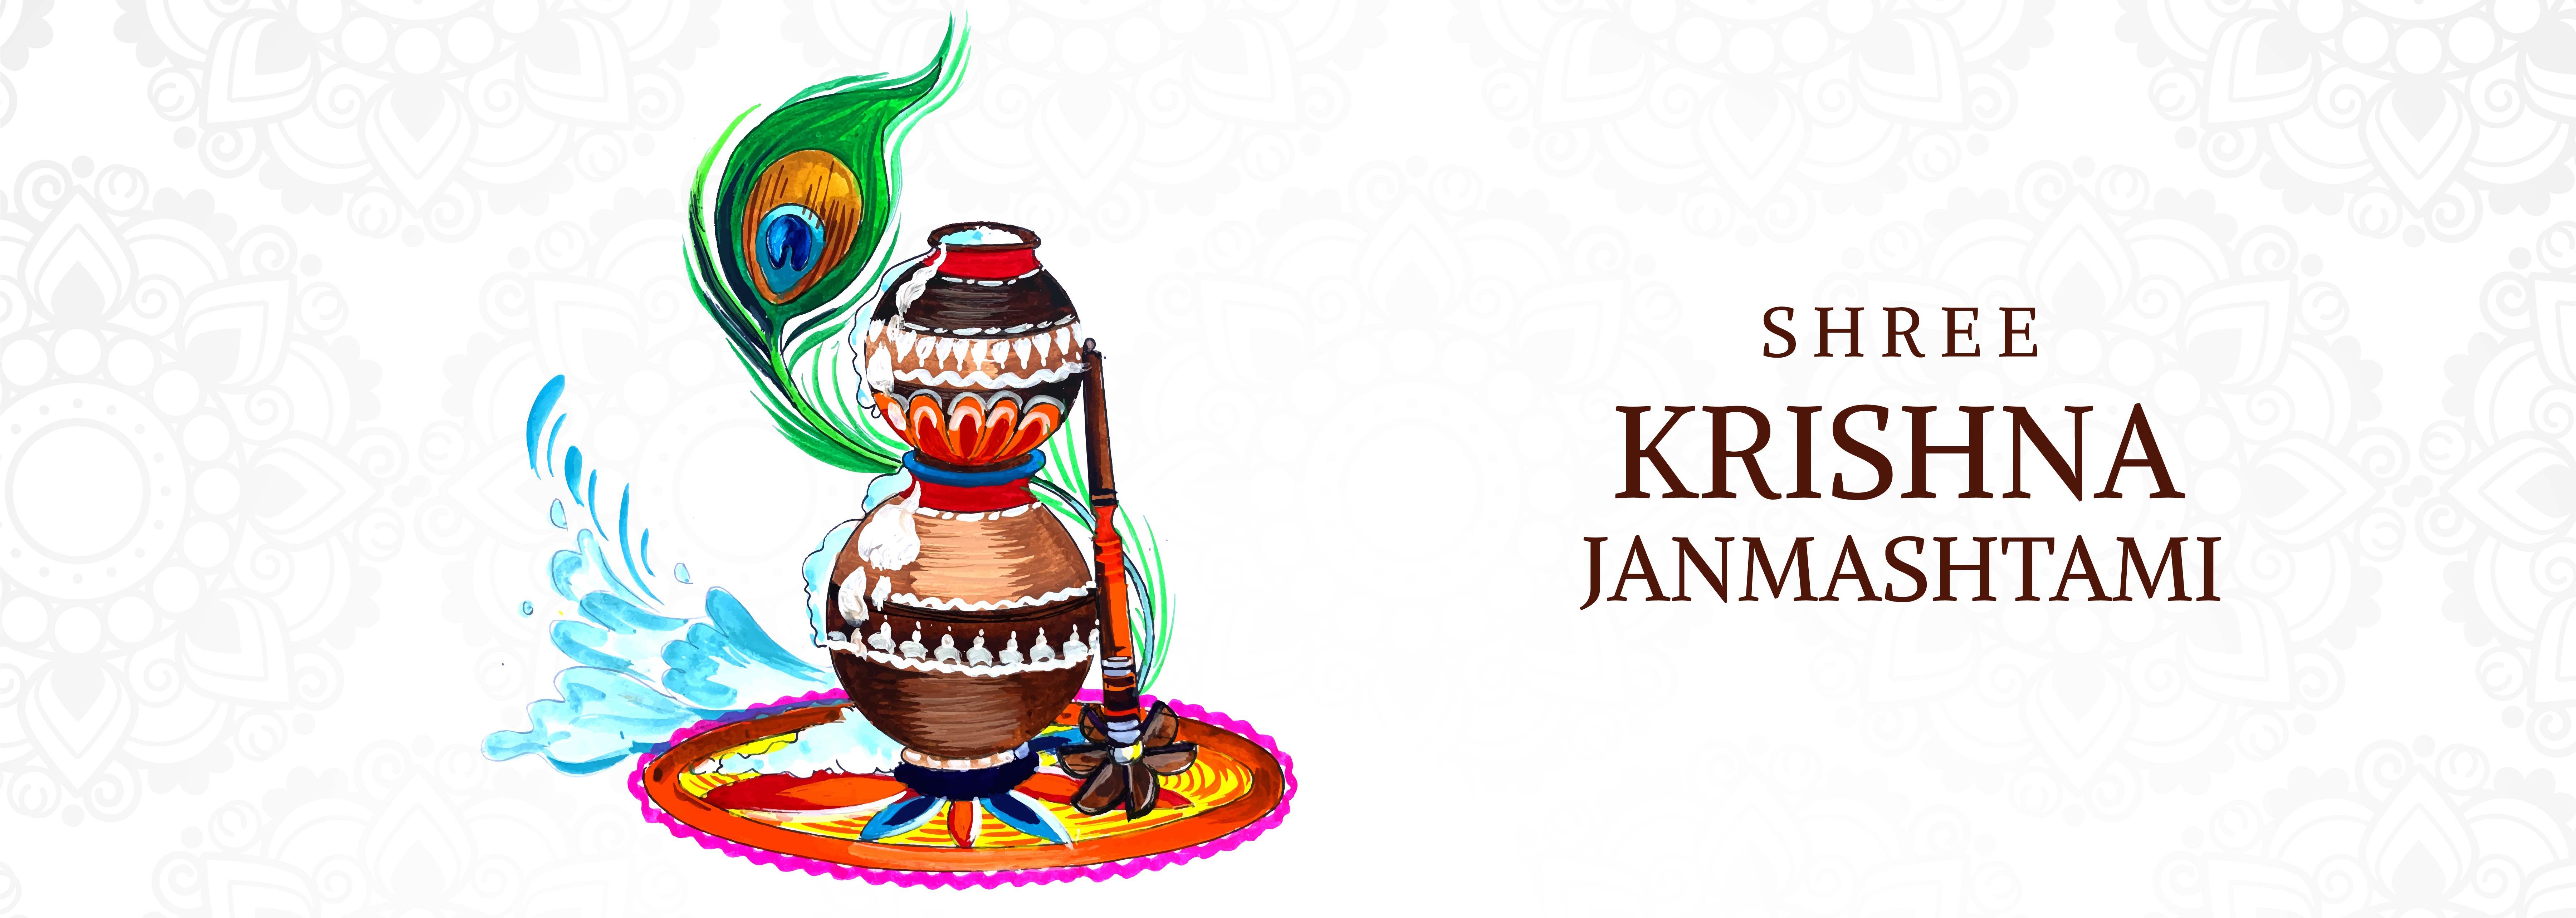 ollas apiladas coloridas religiosas krishna janmashtami banner